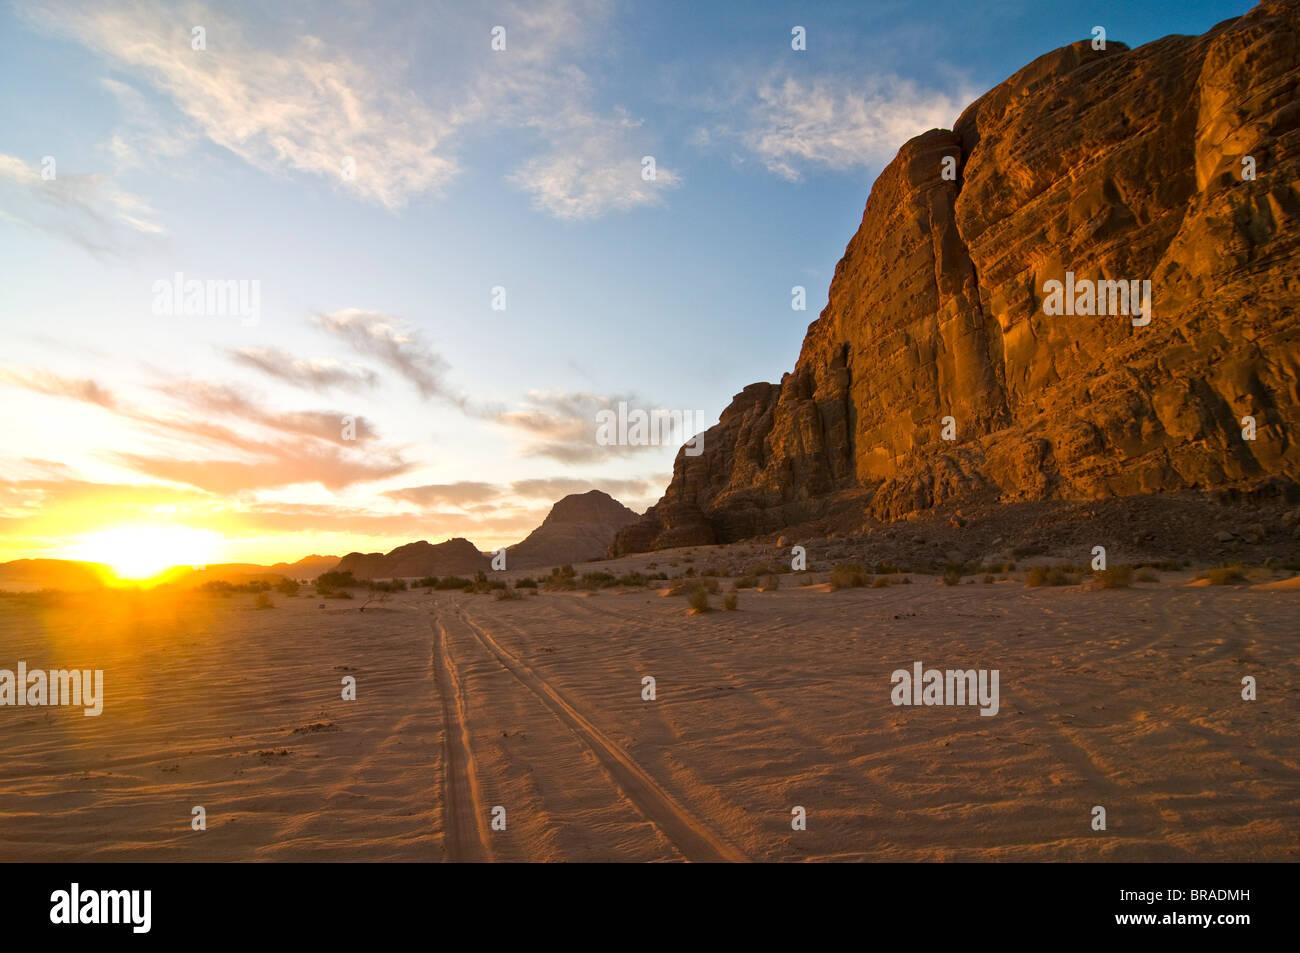 El impresionante paisaje del desierto de Wadi Rum, Jordania, Oriente Medio Foto de stock